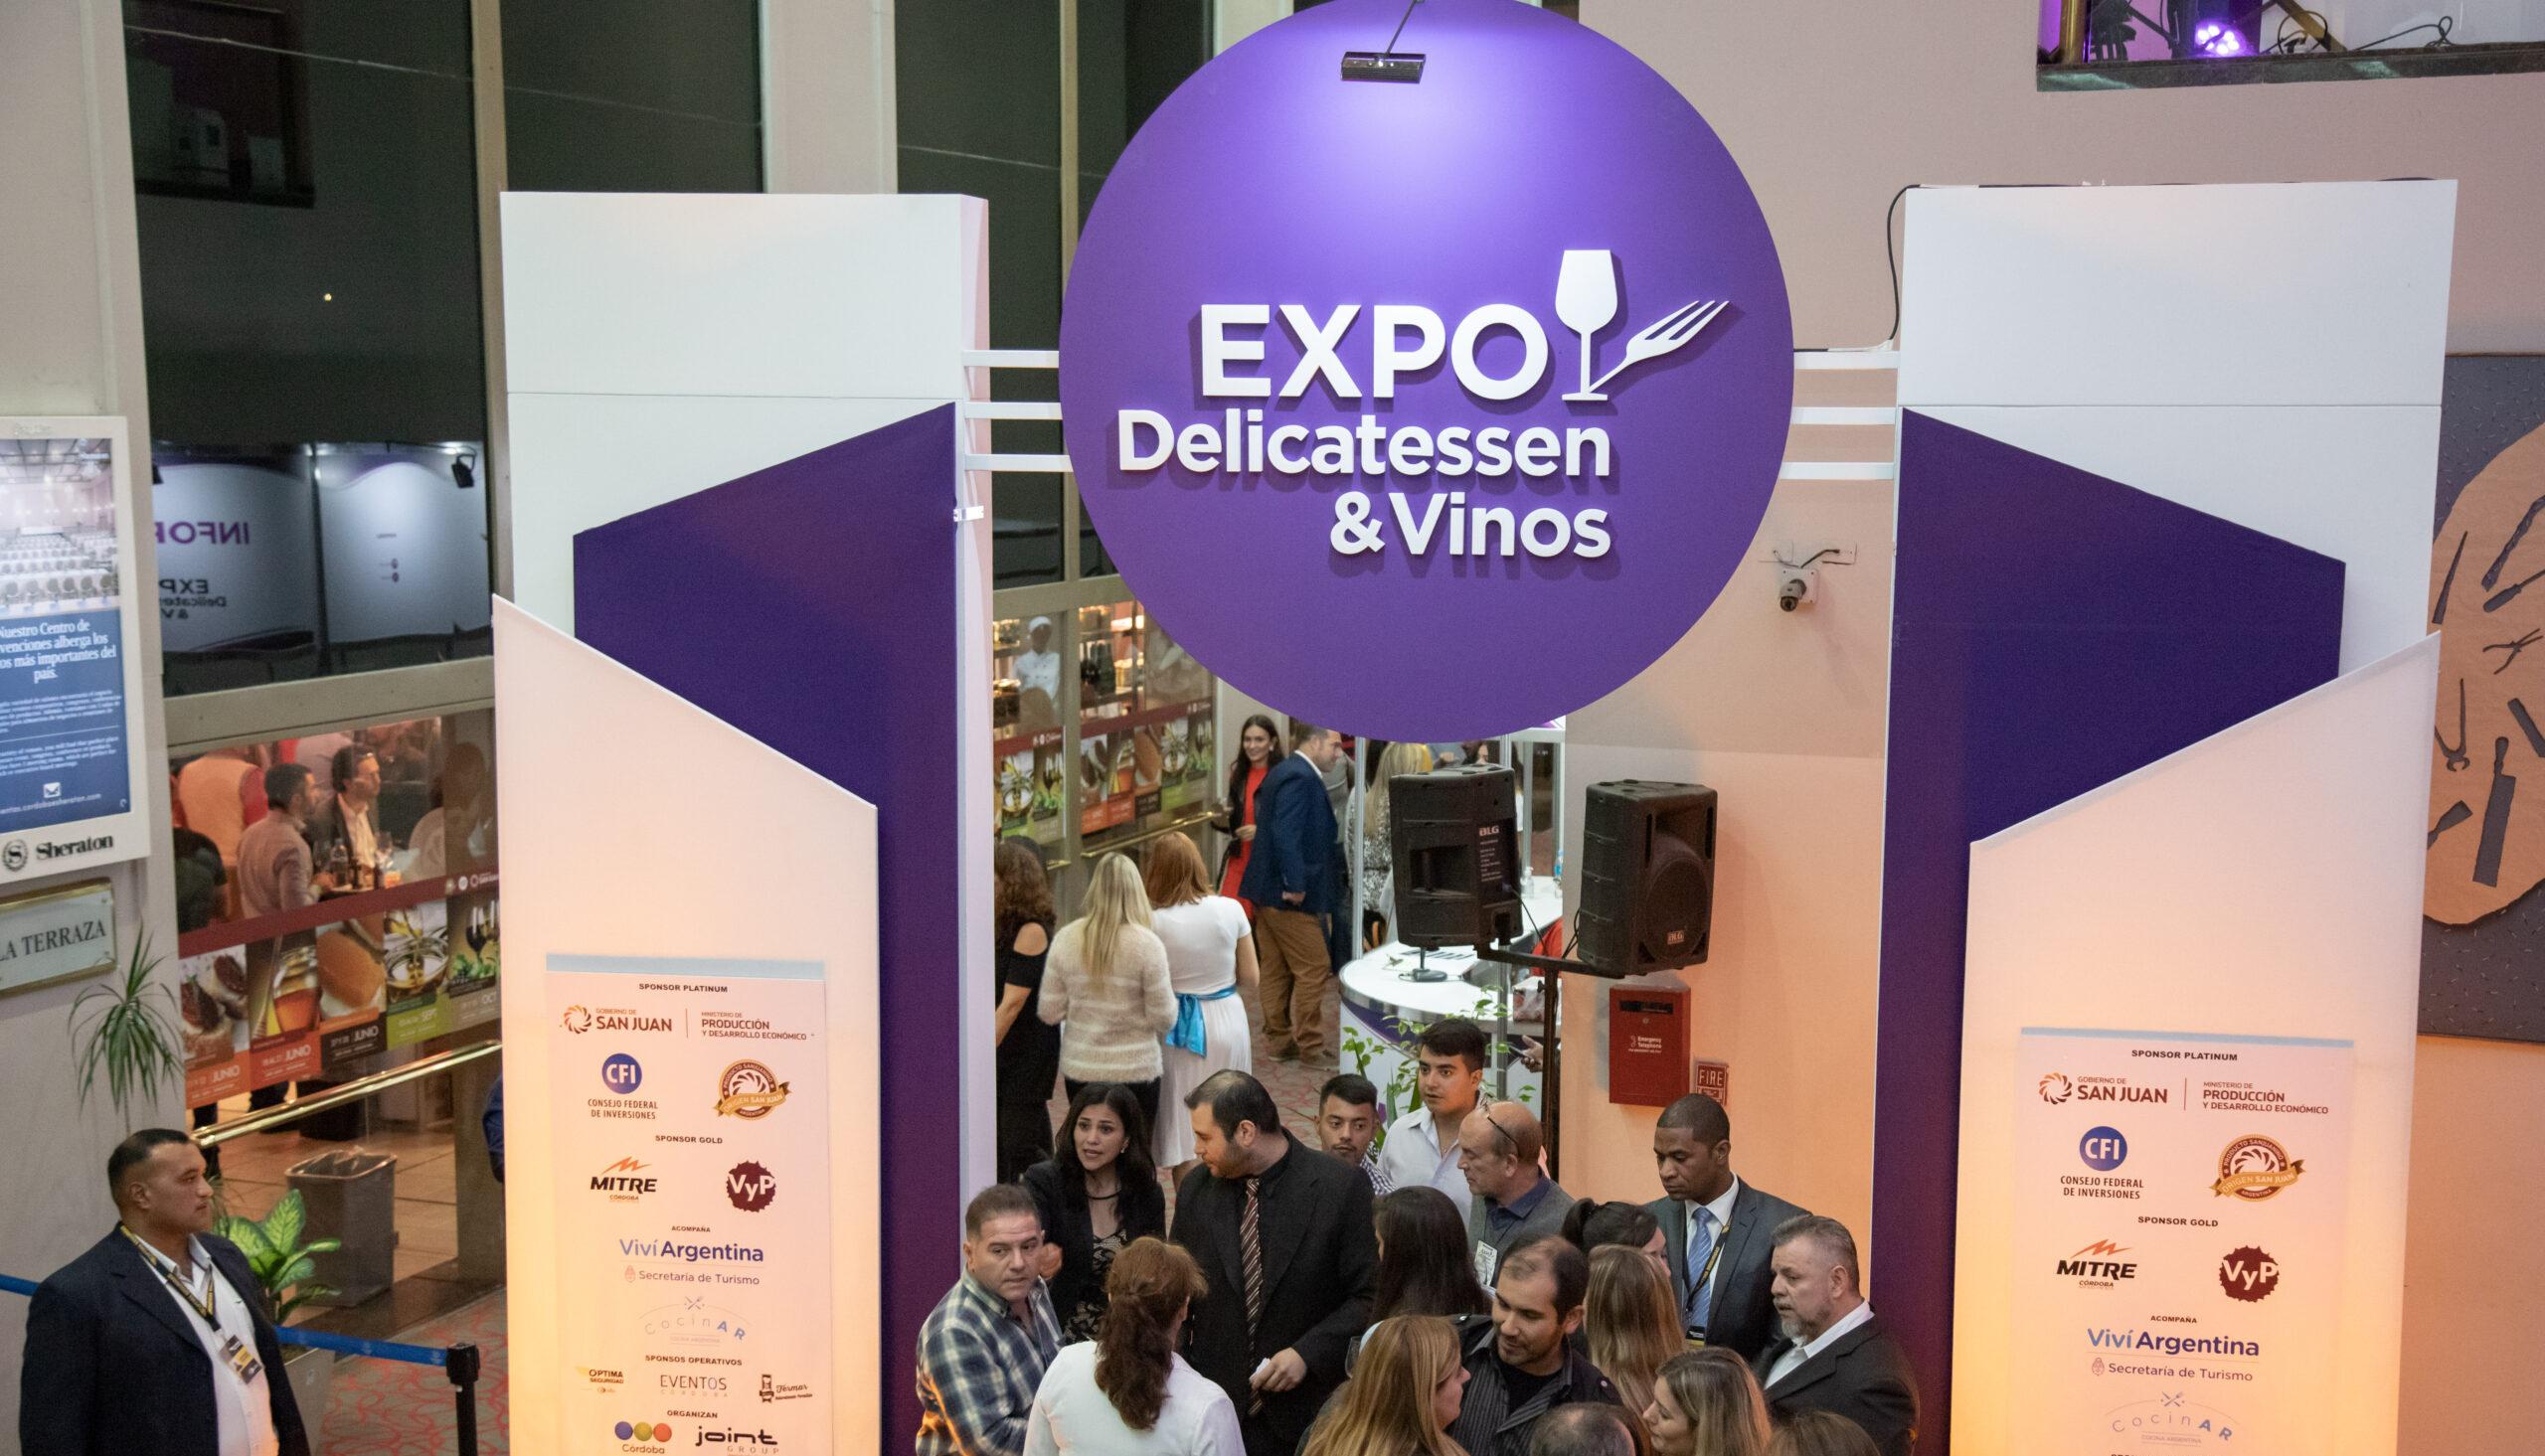 expo delicatessen y vinos 2019